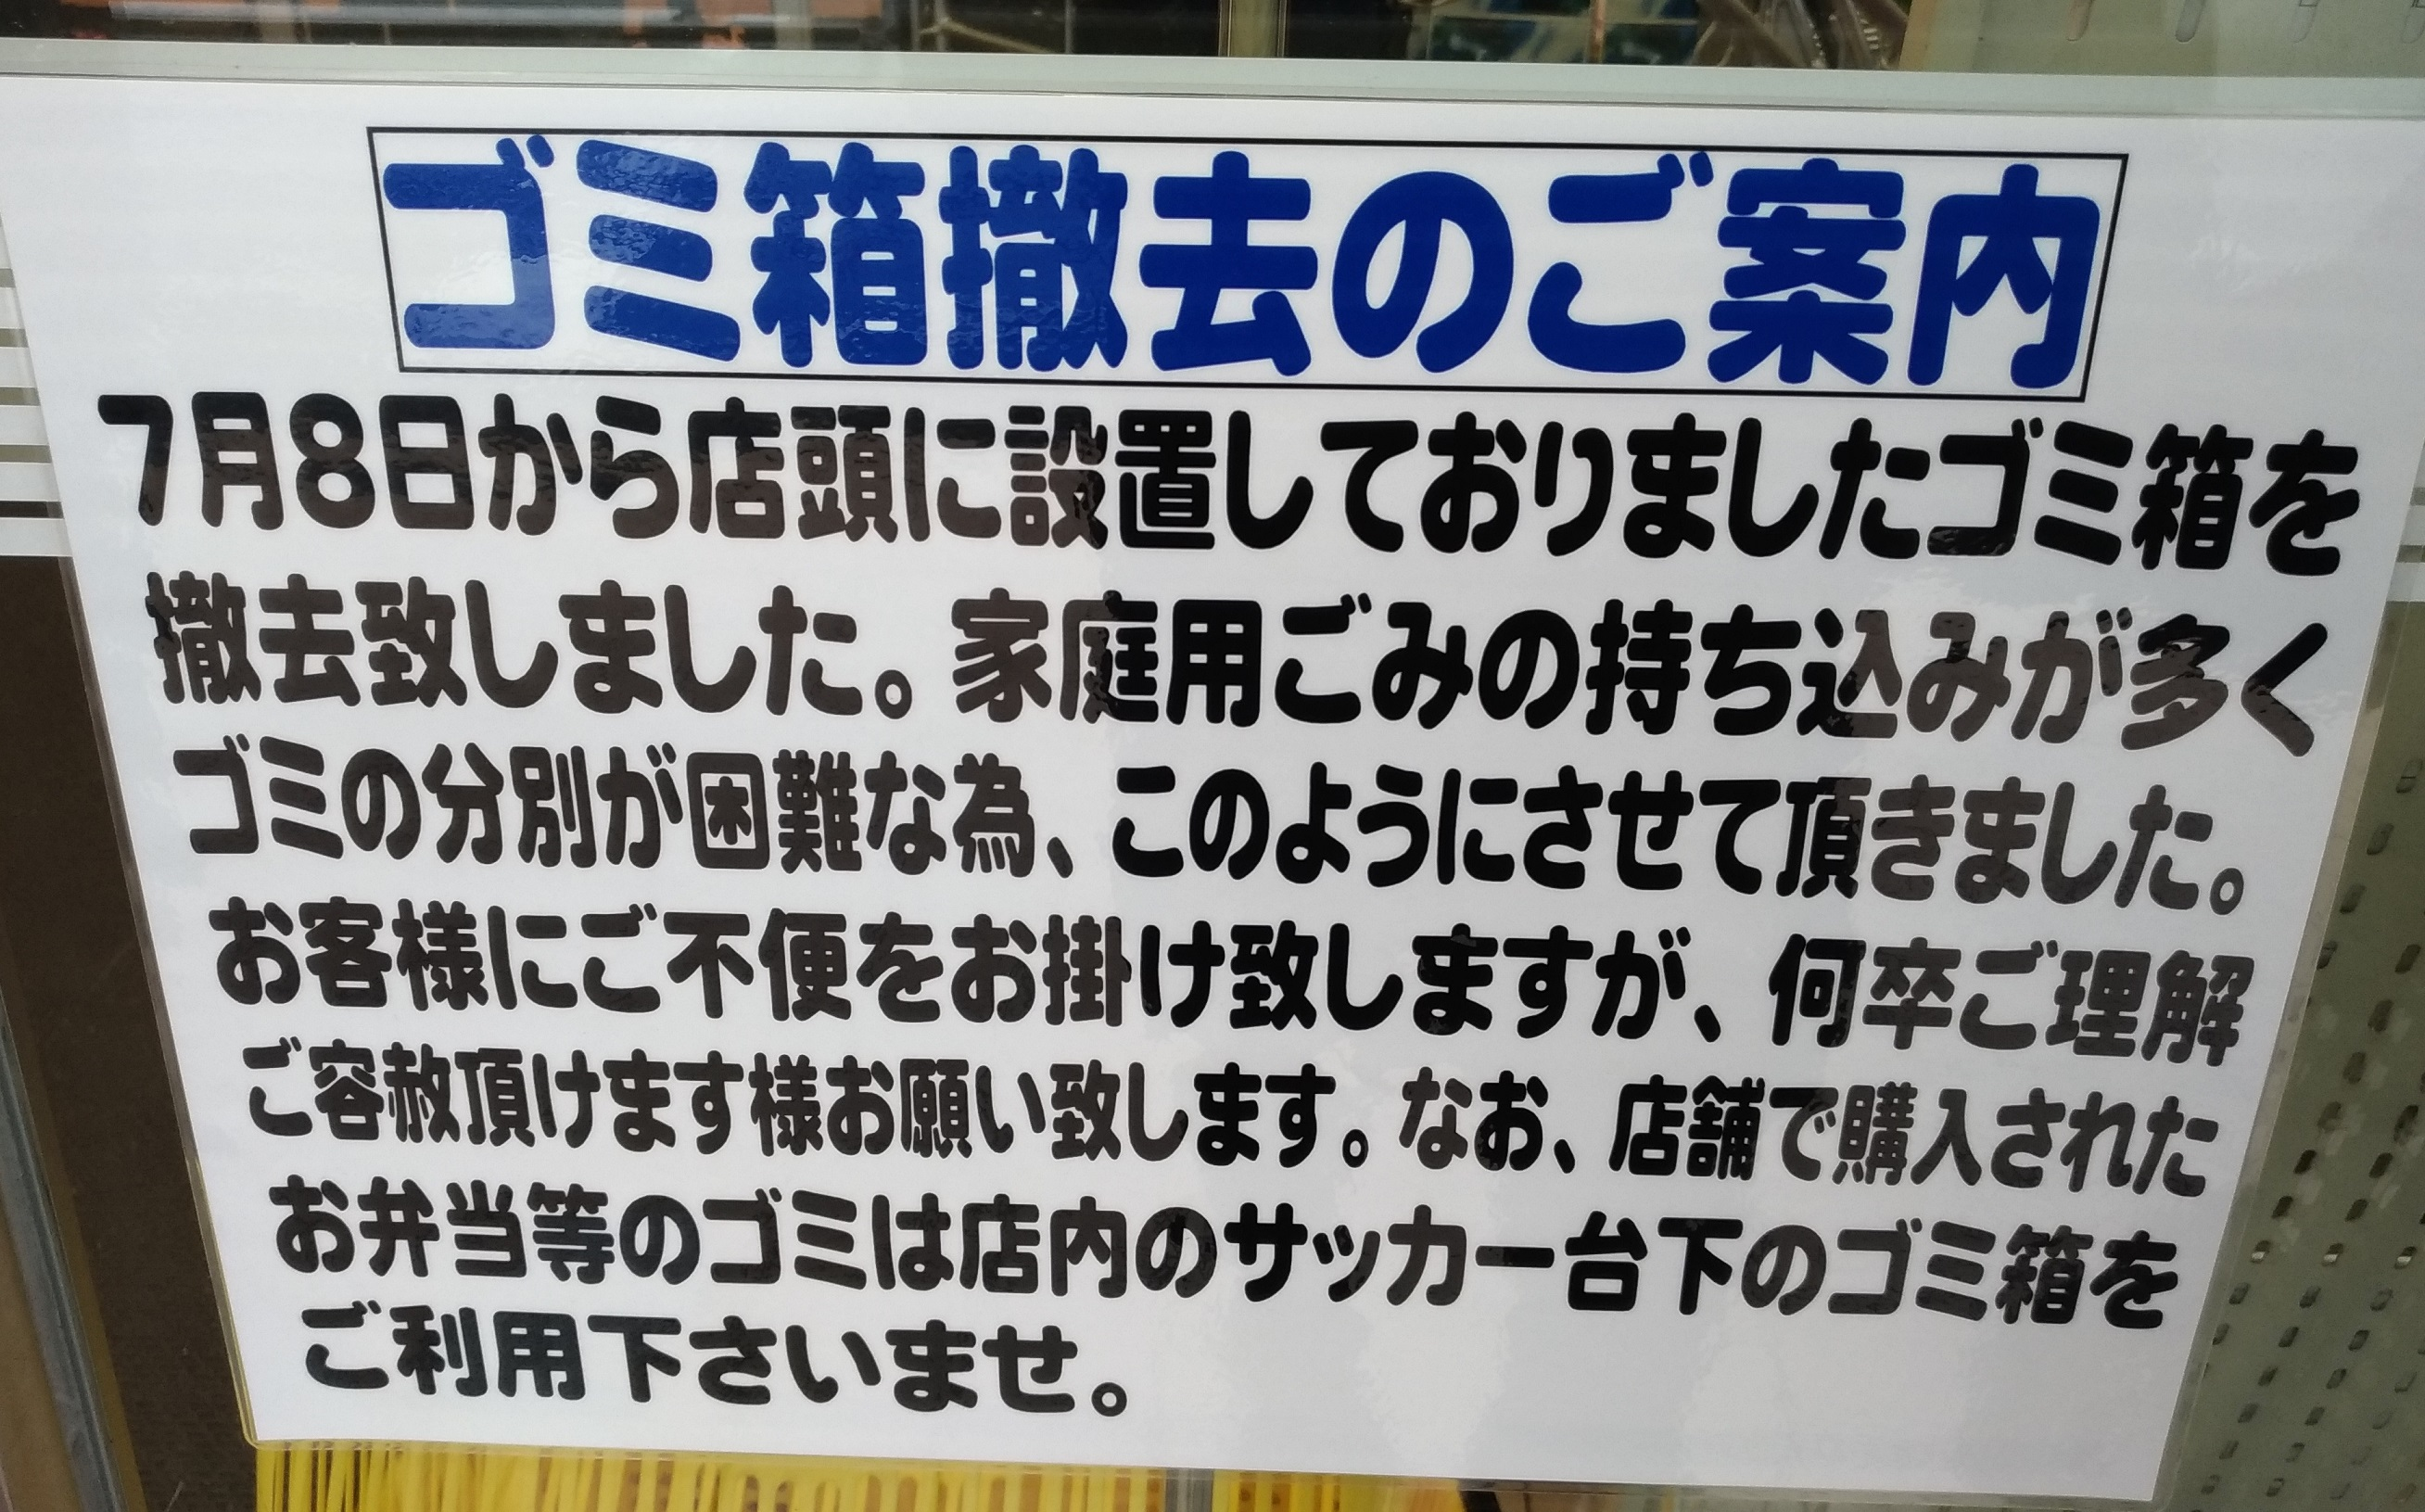 gomibako_tekkyo_annai.jpg